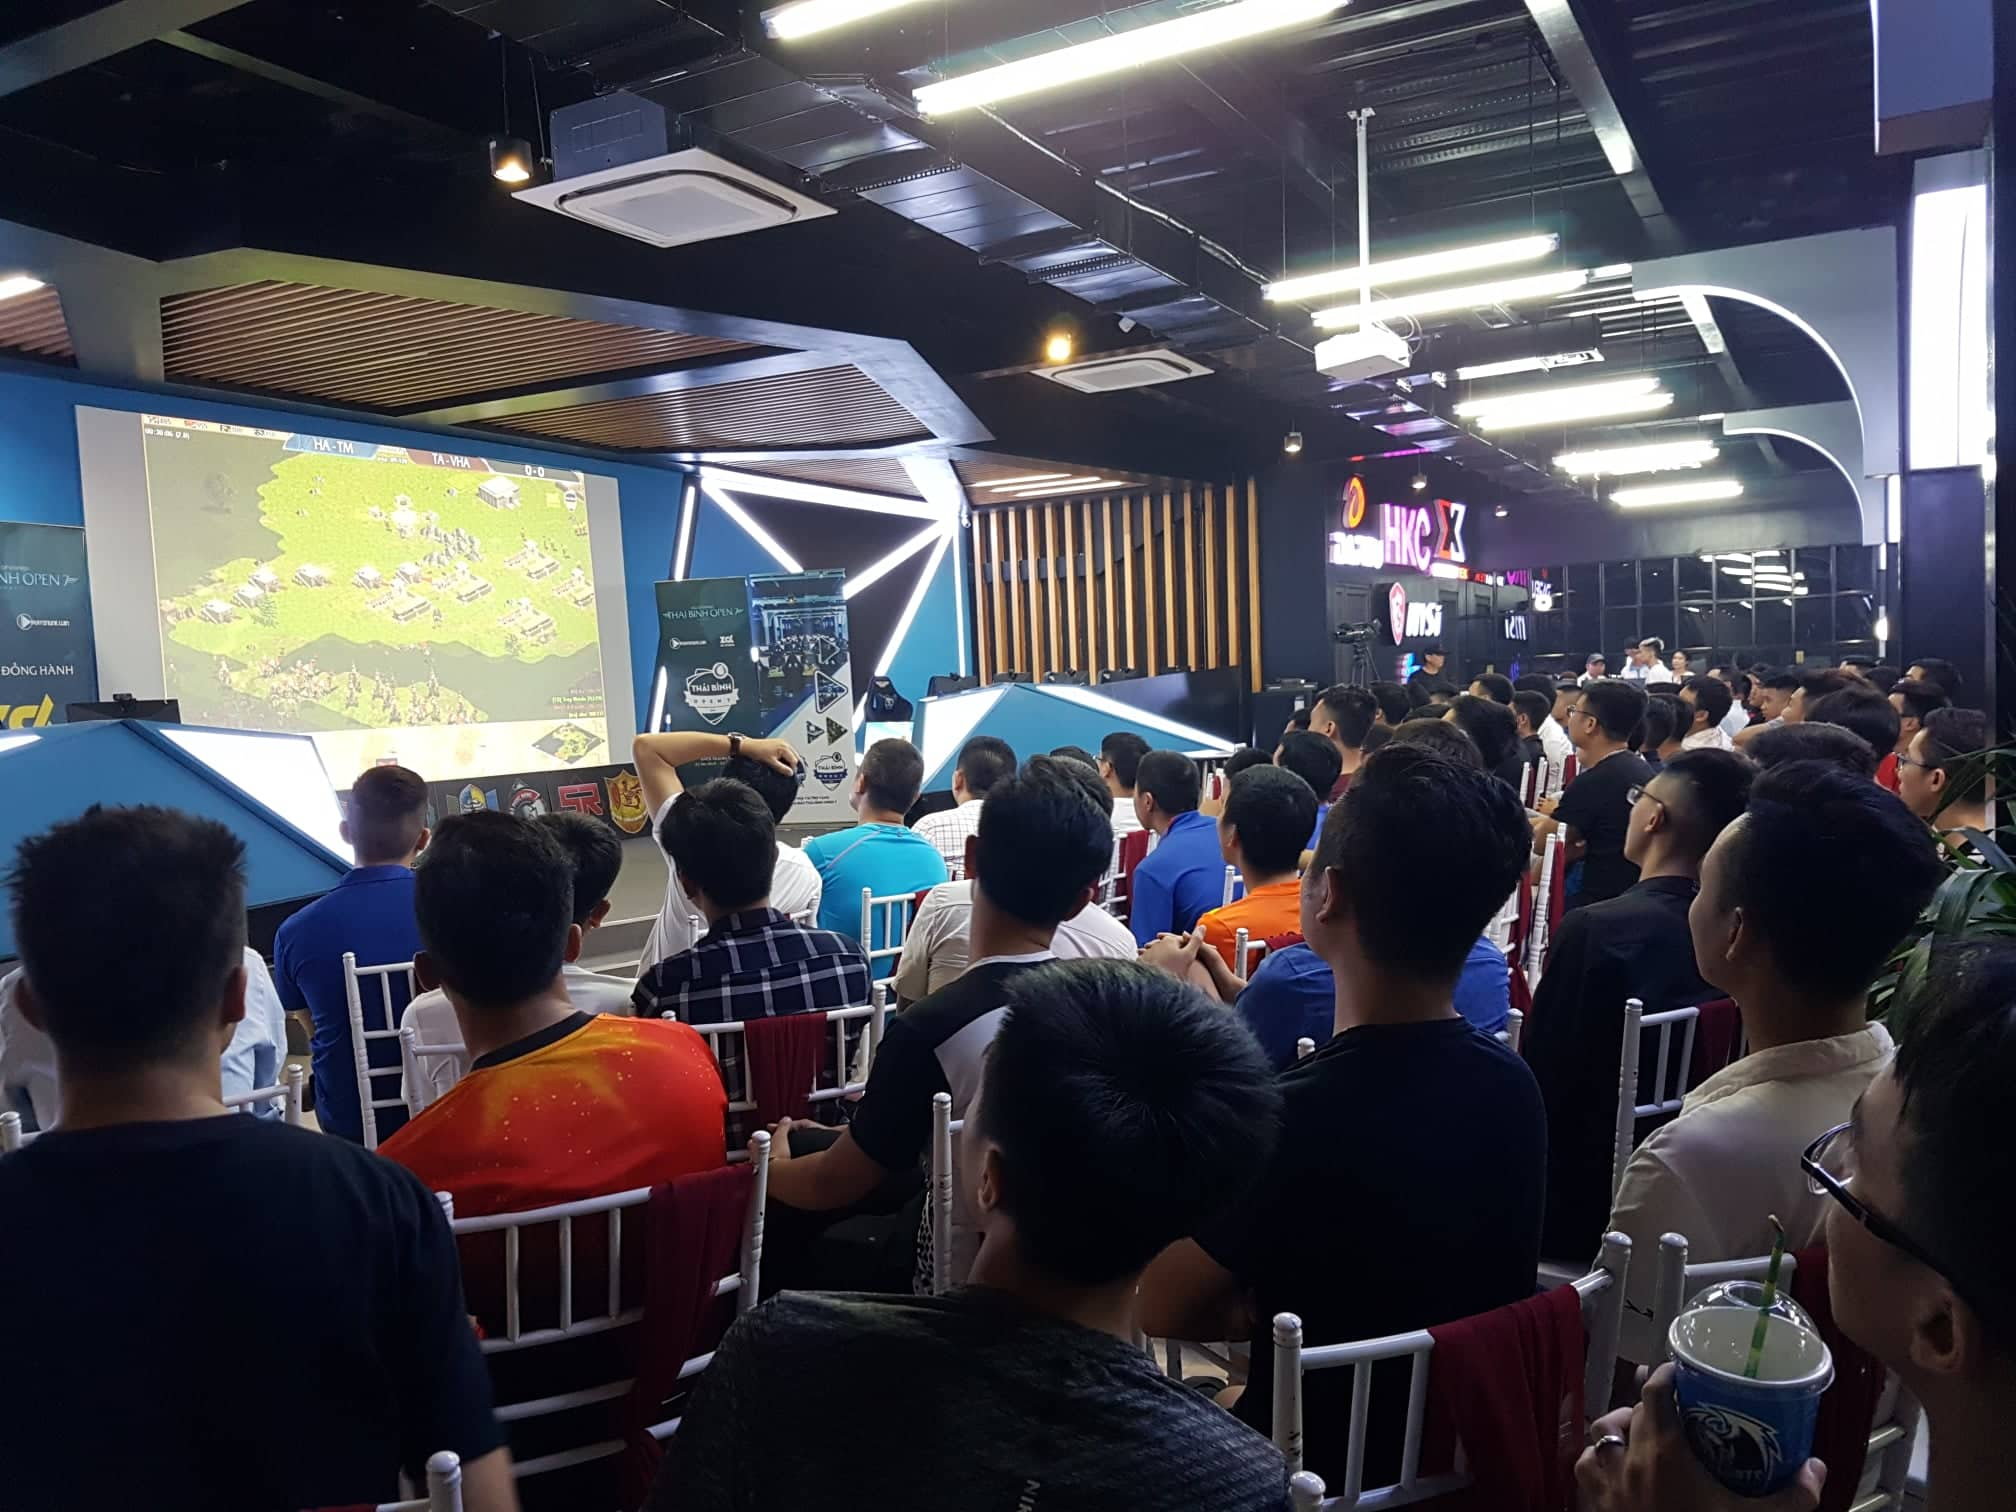 [AoE] Tổng hợp những trận đấu đỉnh cao trong nội dung 2vs2 Assyrian giải đấu AoE Thái Bình Open 7